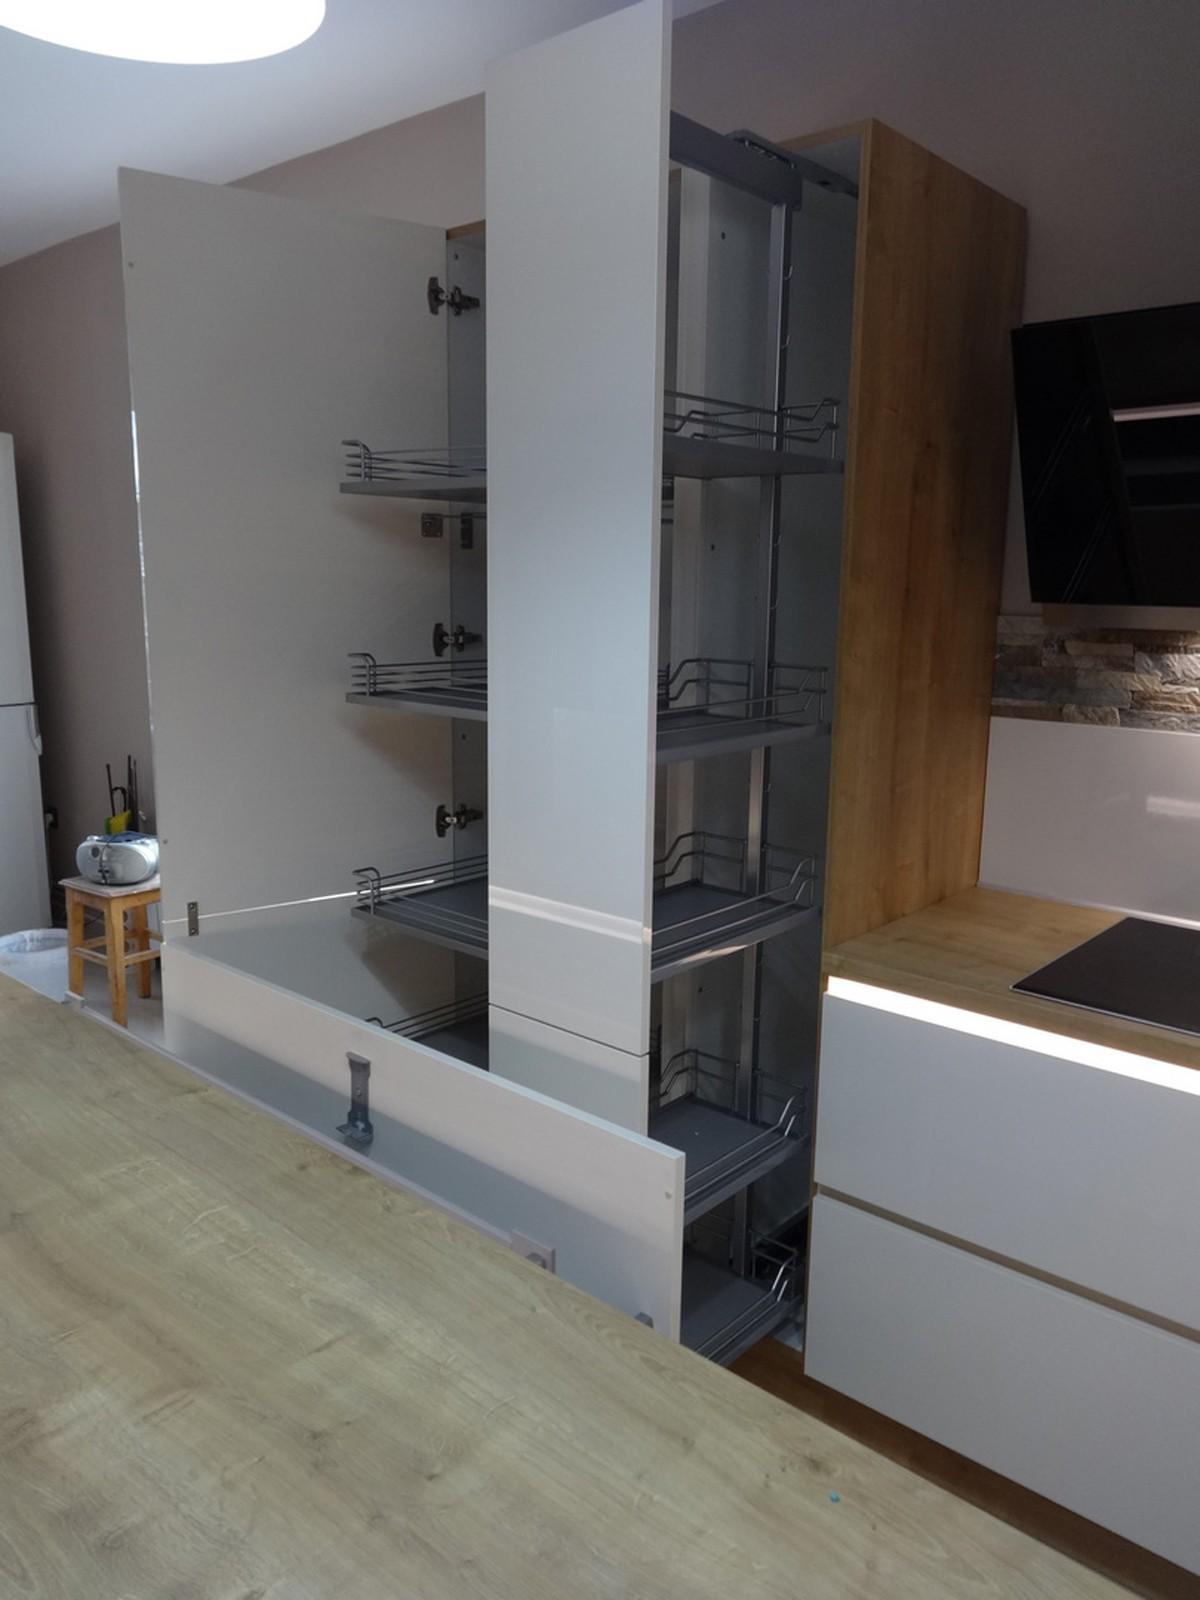 Referință - Bucătărie modernă Nobilia Focus - Crem / Stejar Provence